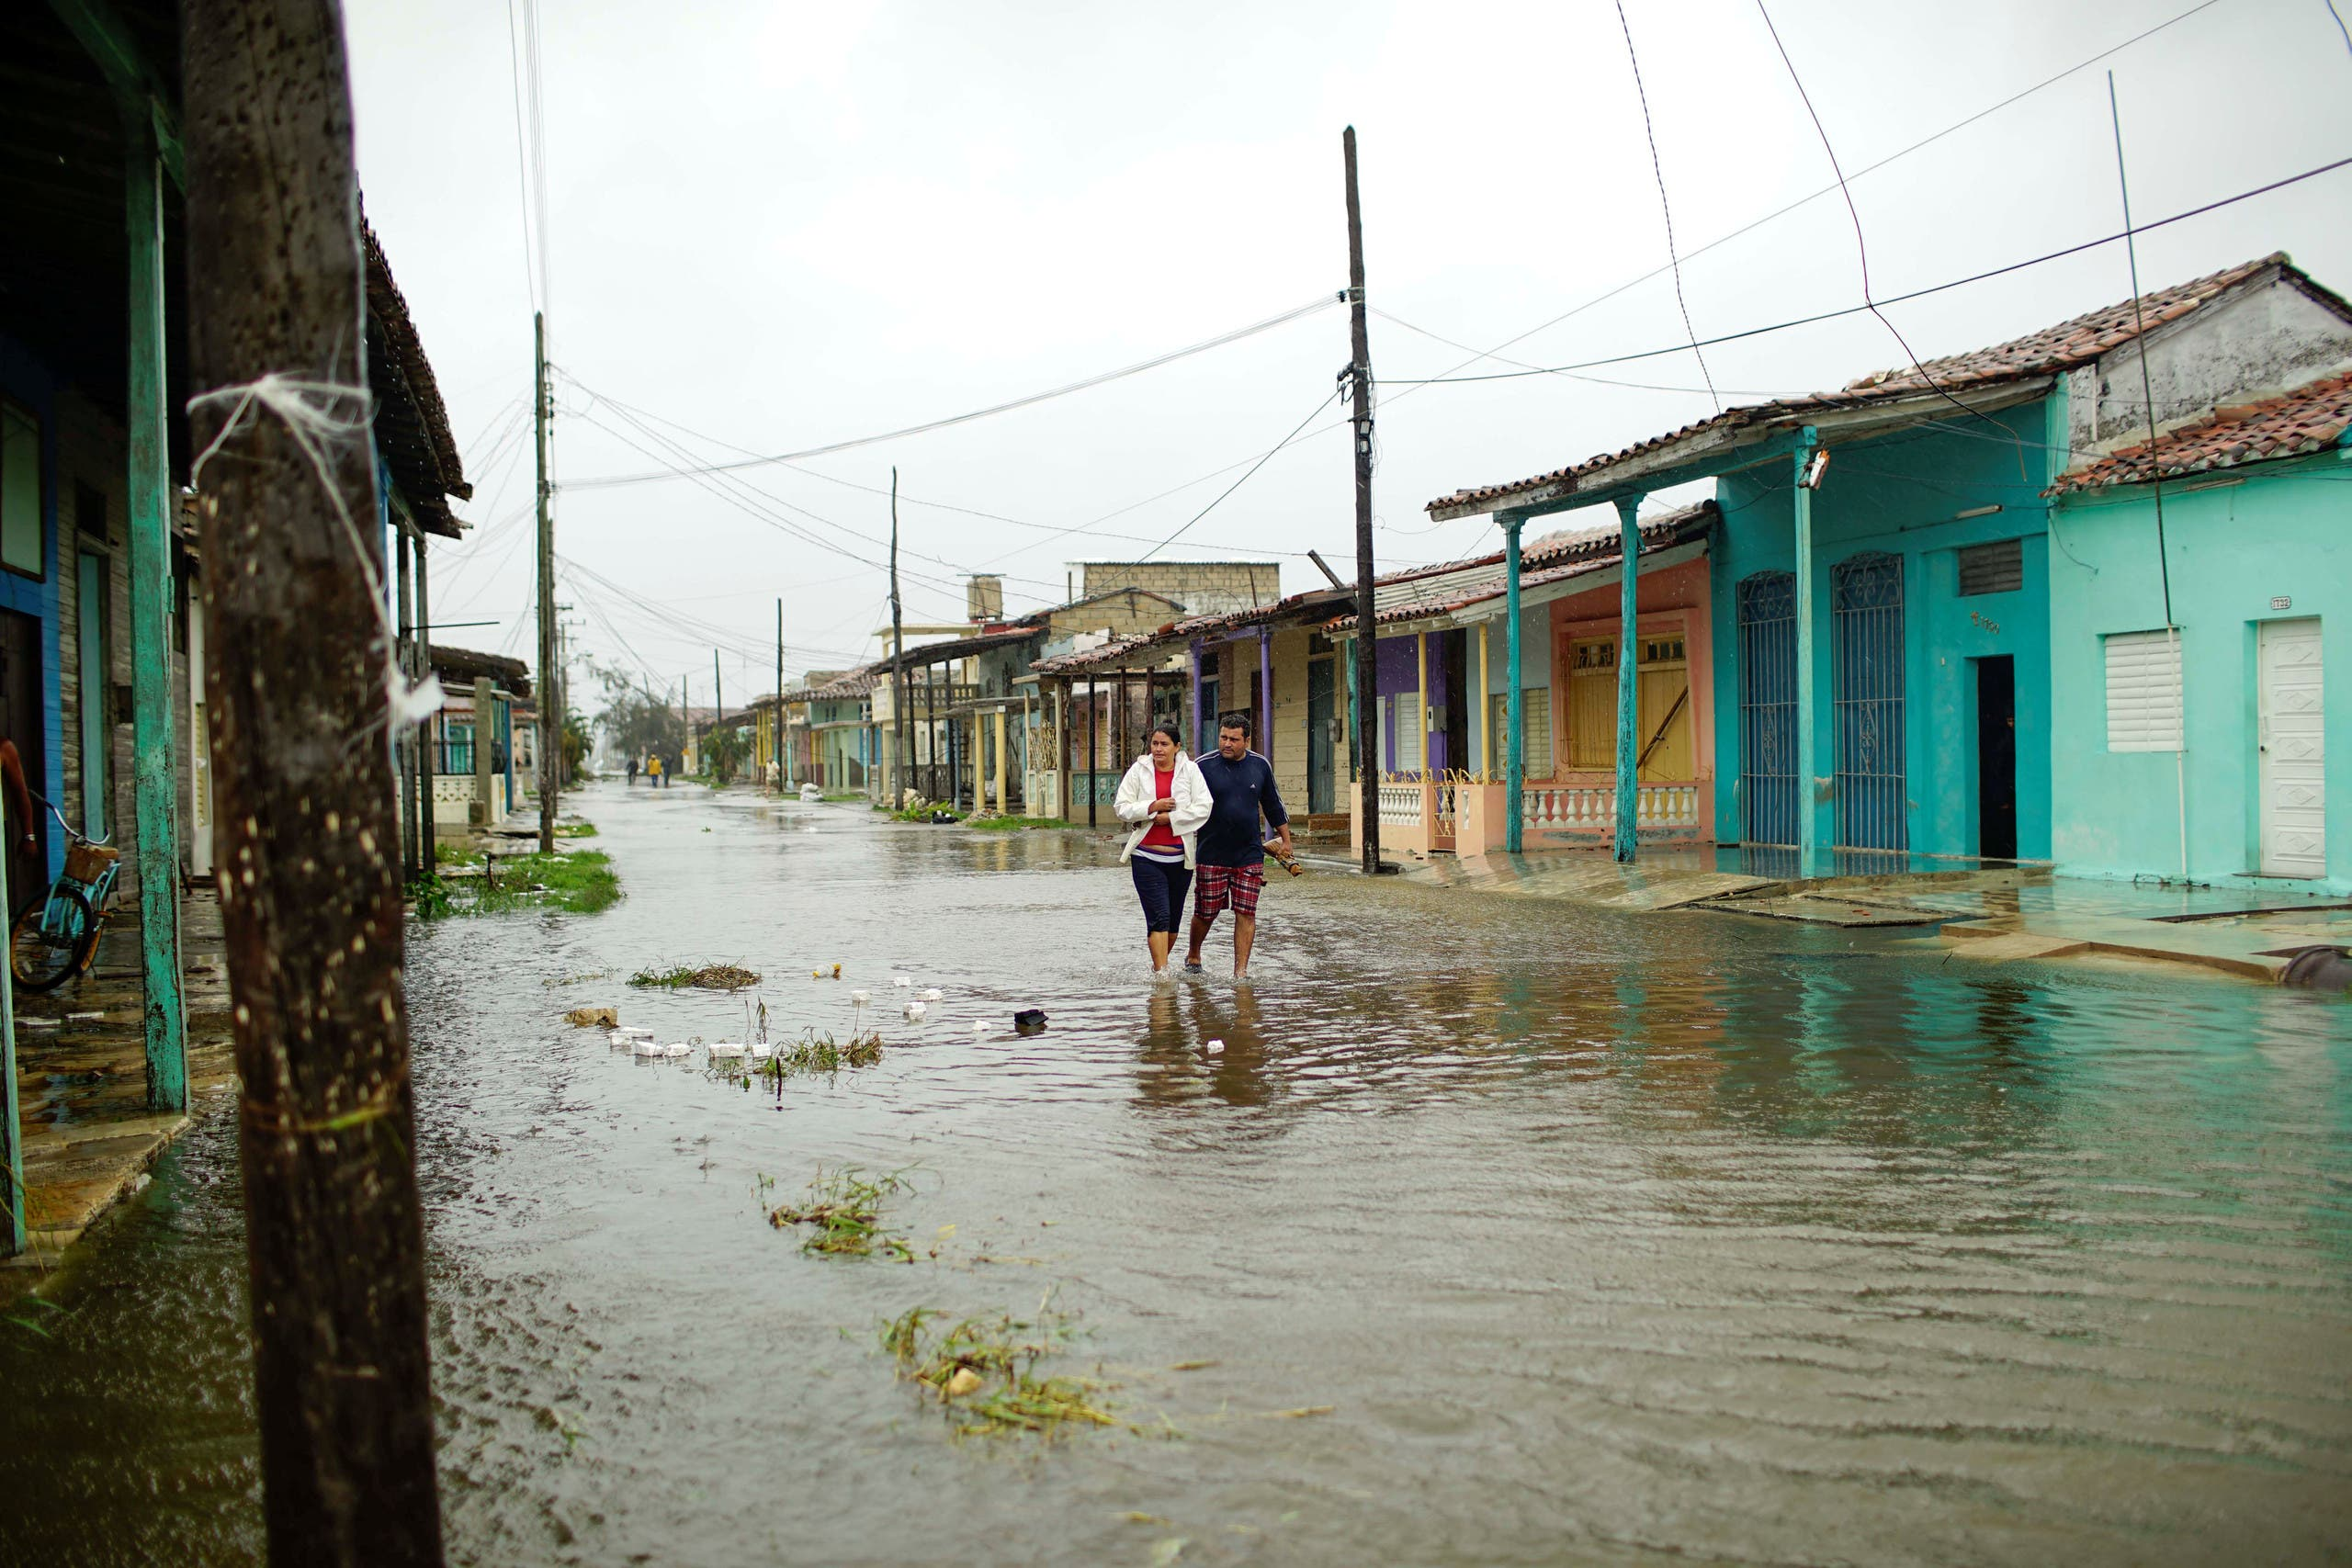 توفان در کوبا